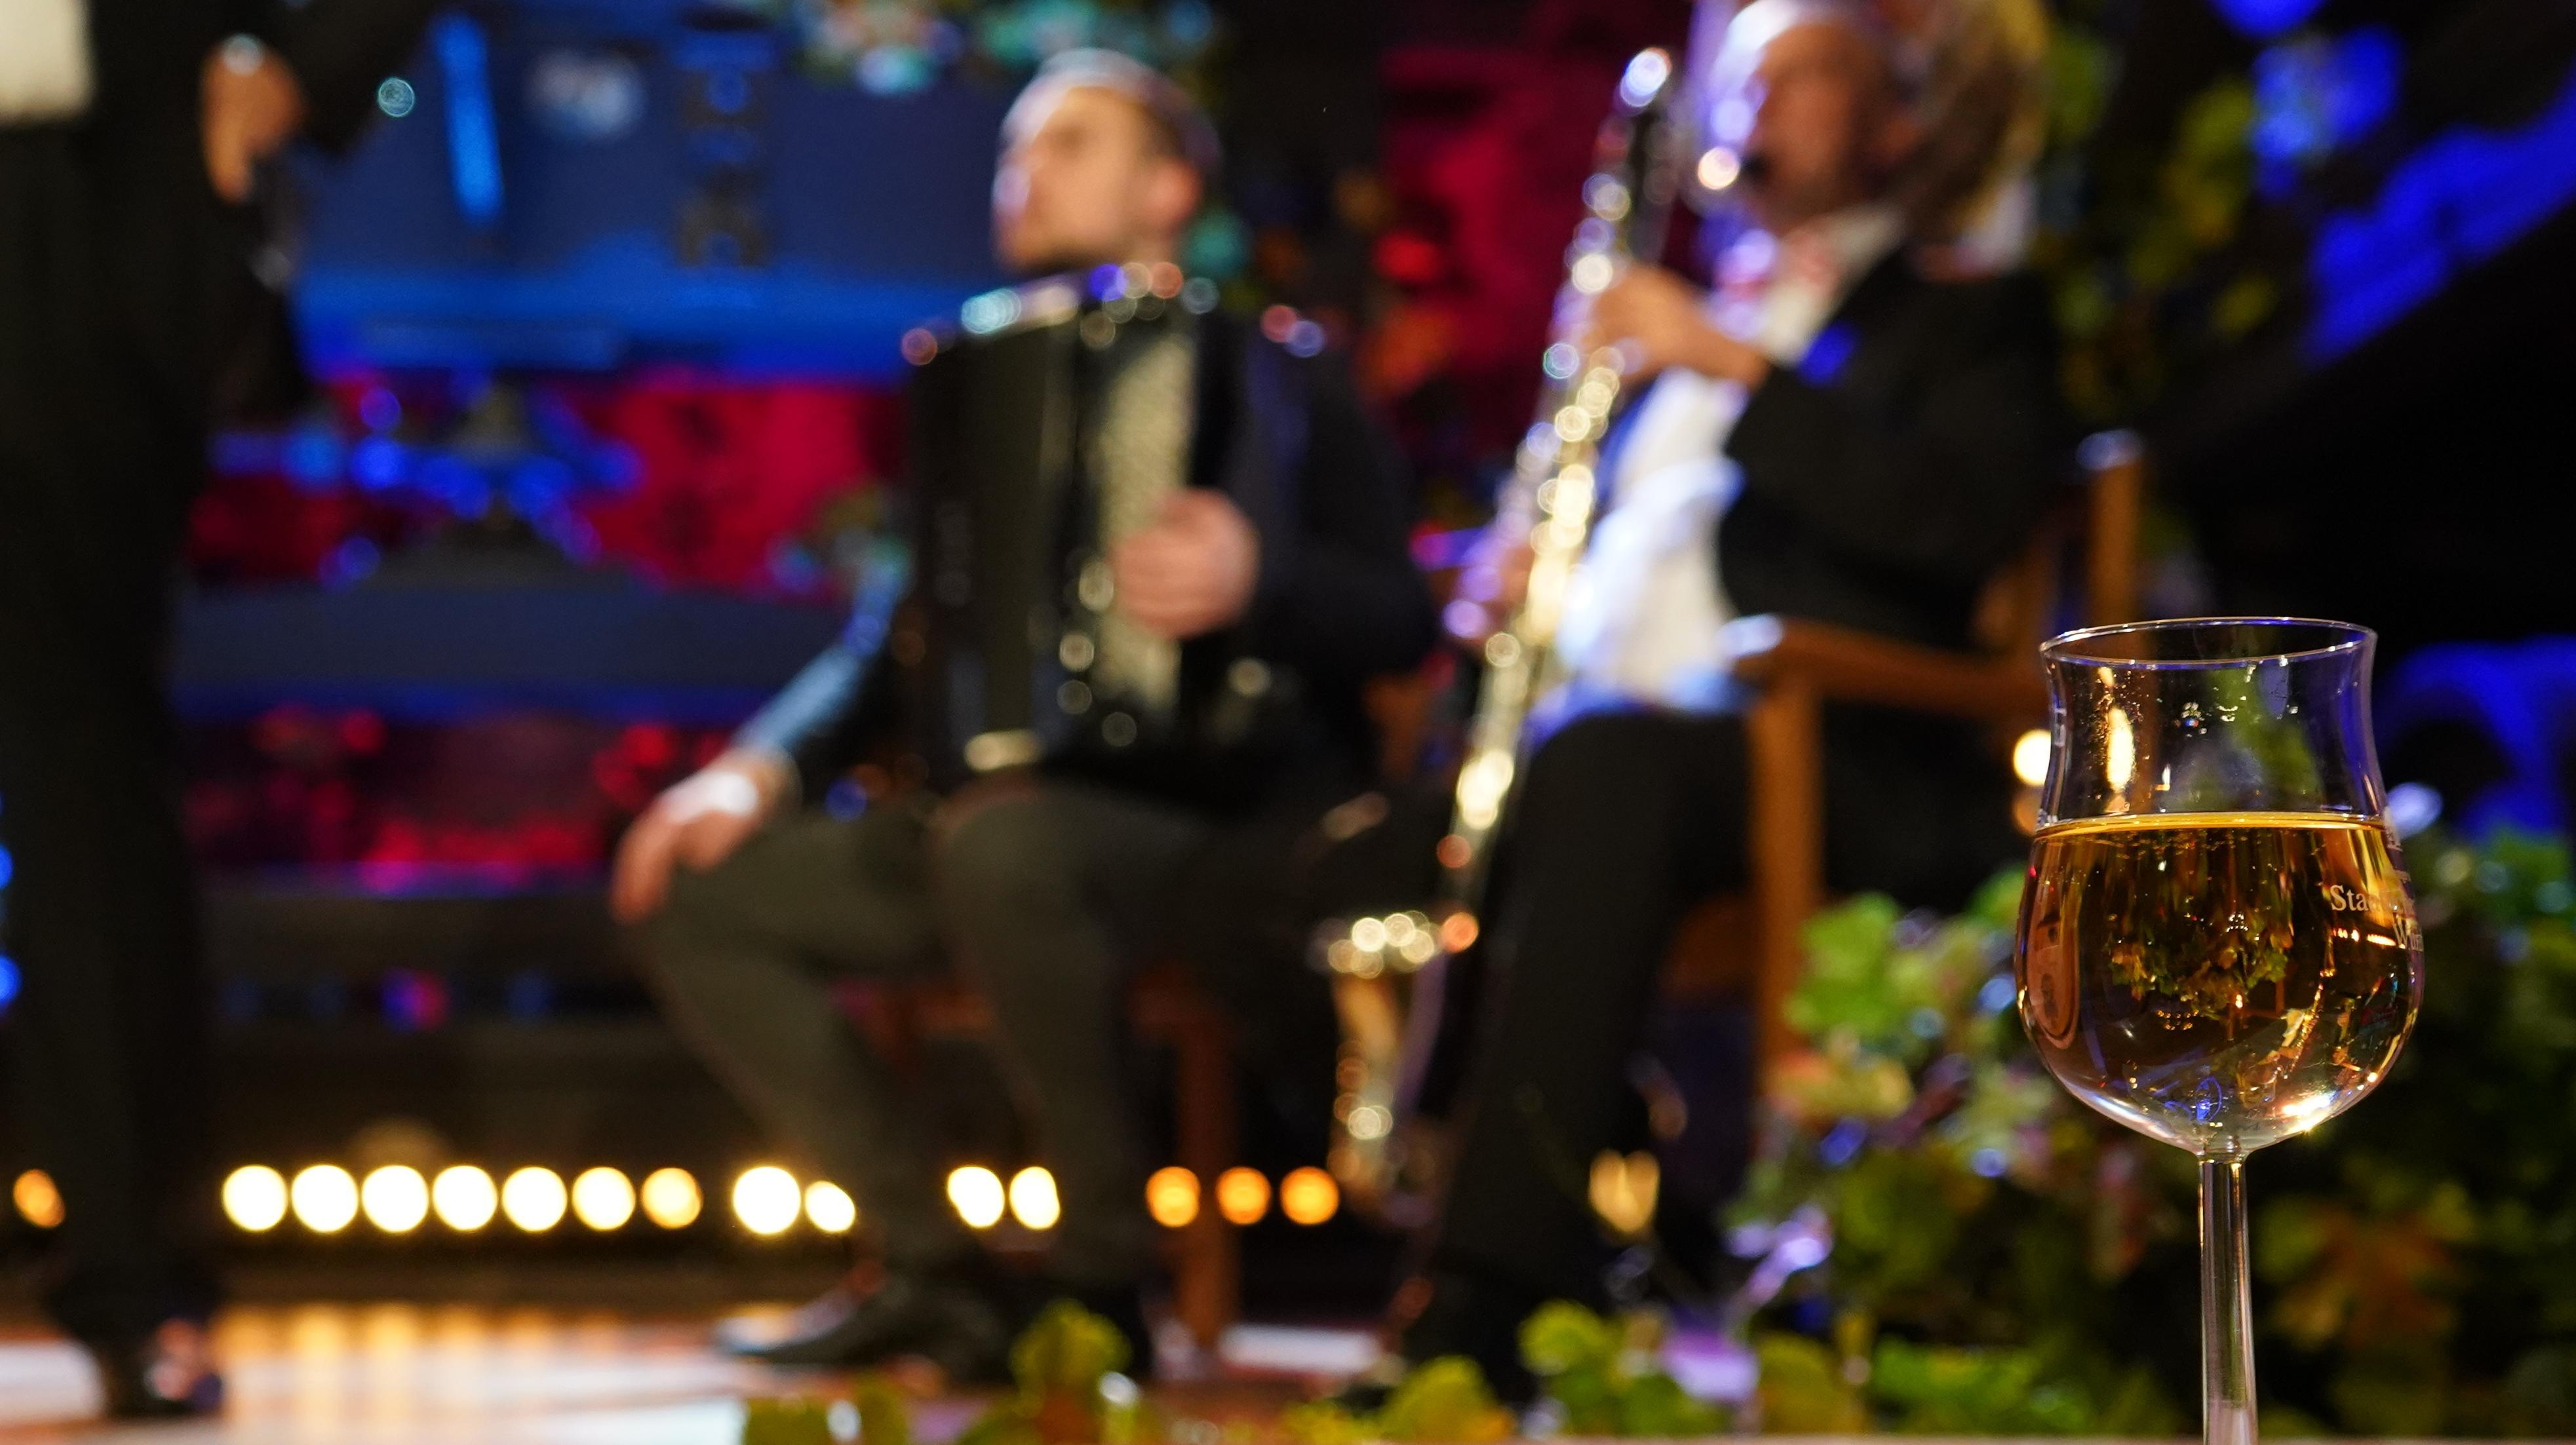 Ein Glas Frankenwein - im Hintergrund Musiker